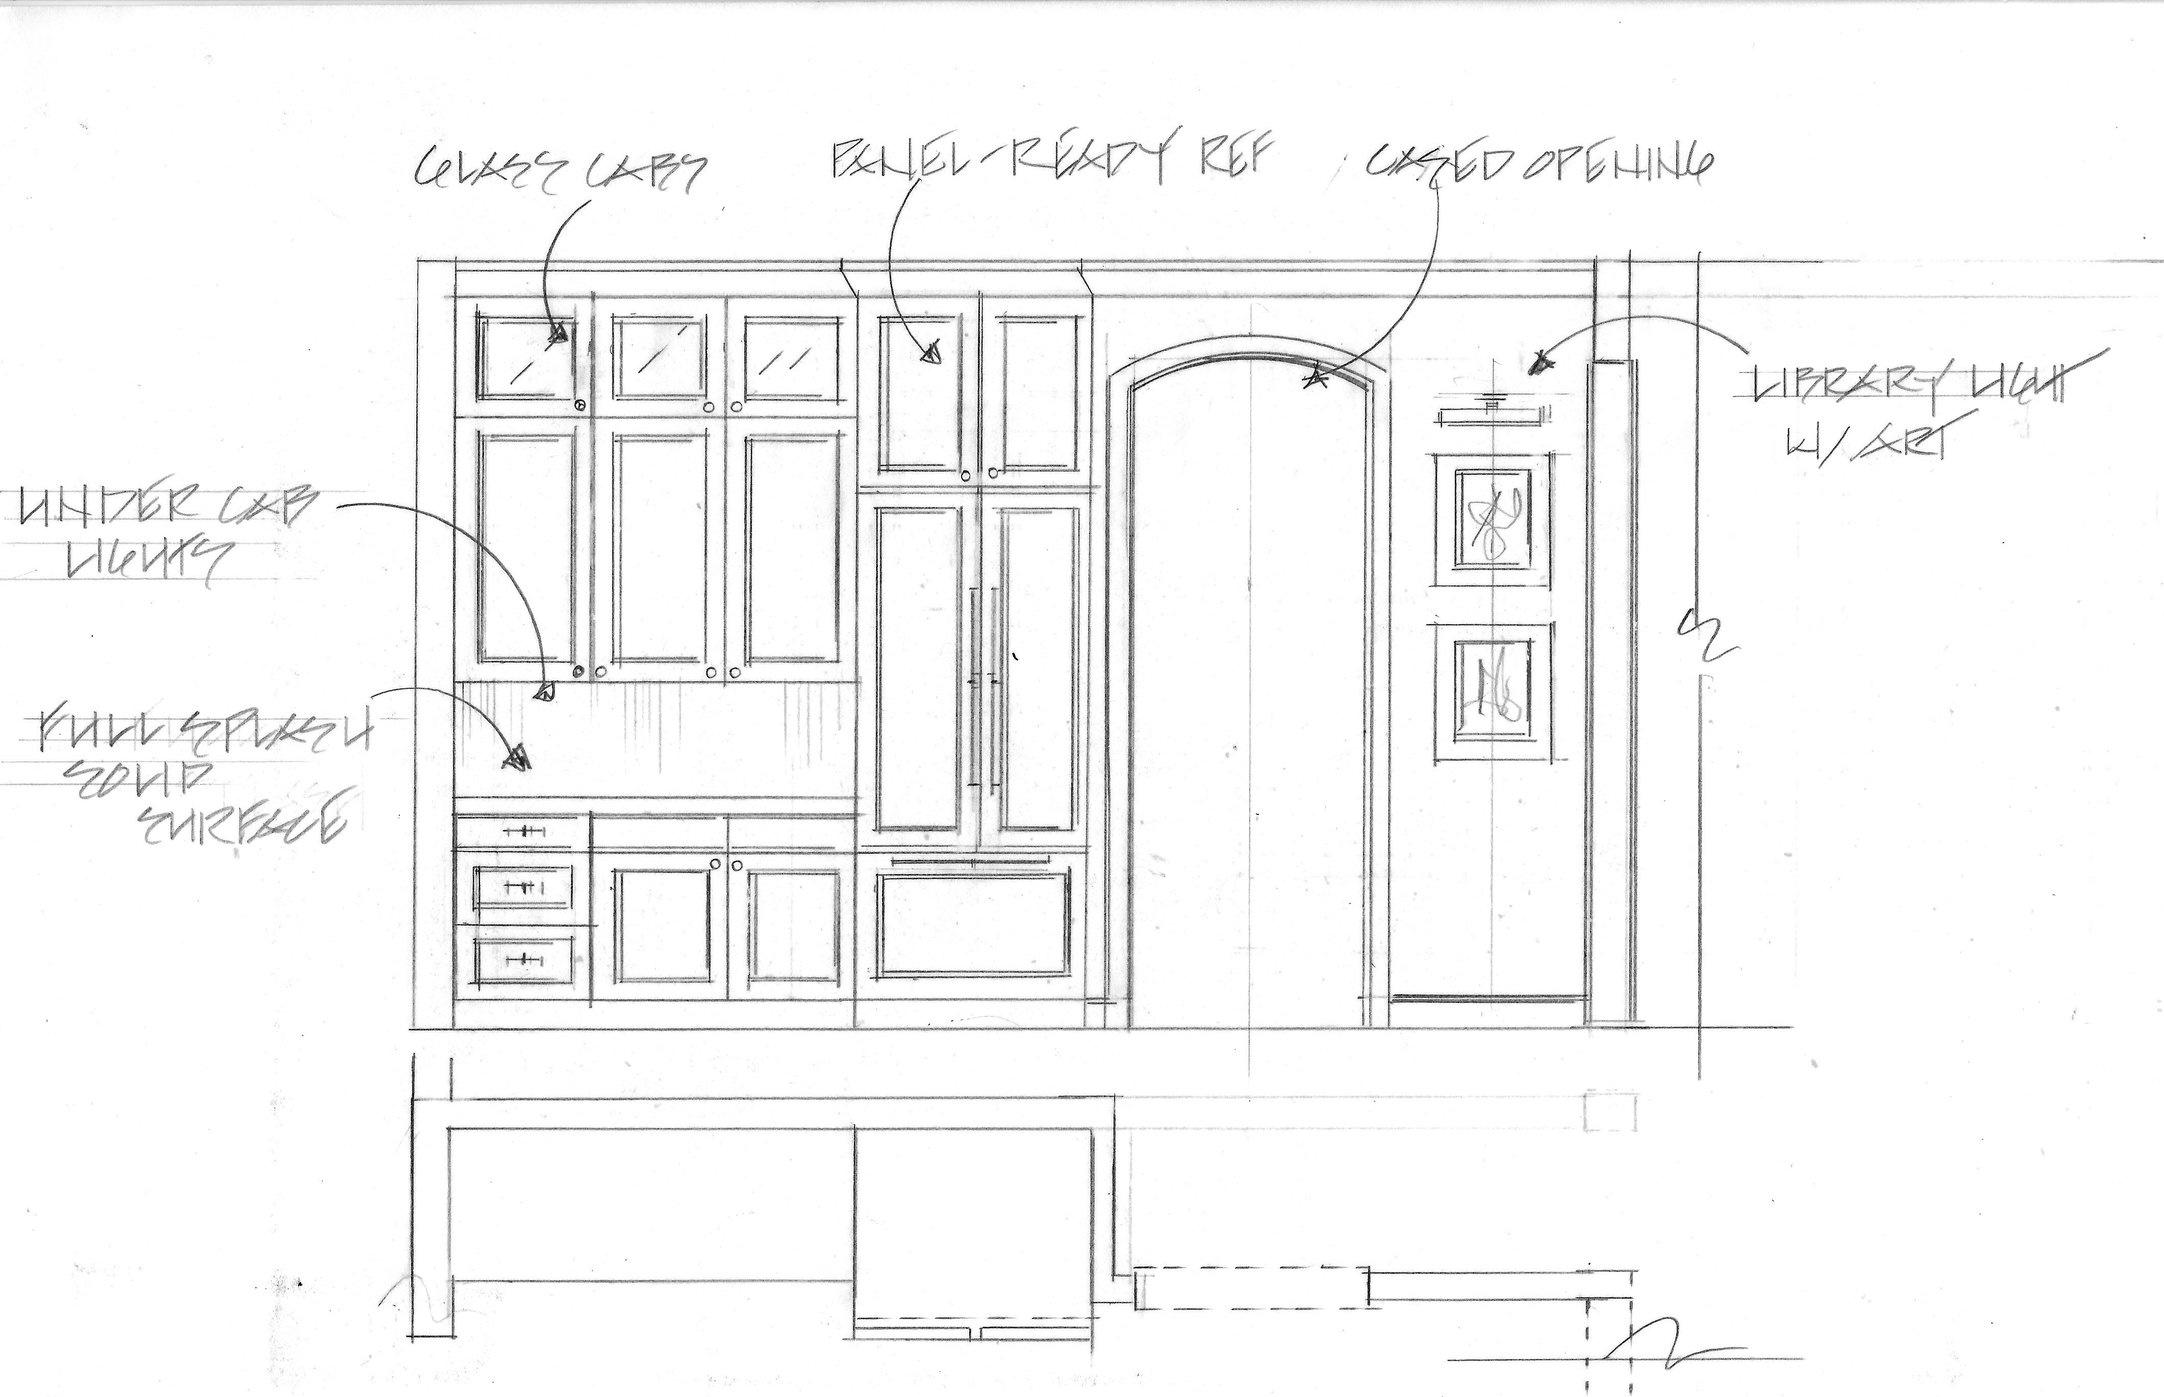 Tami Faulkner design - kitchen design - Utah - interior design